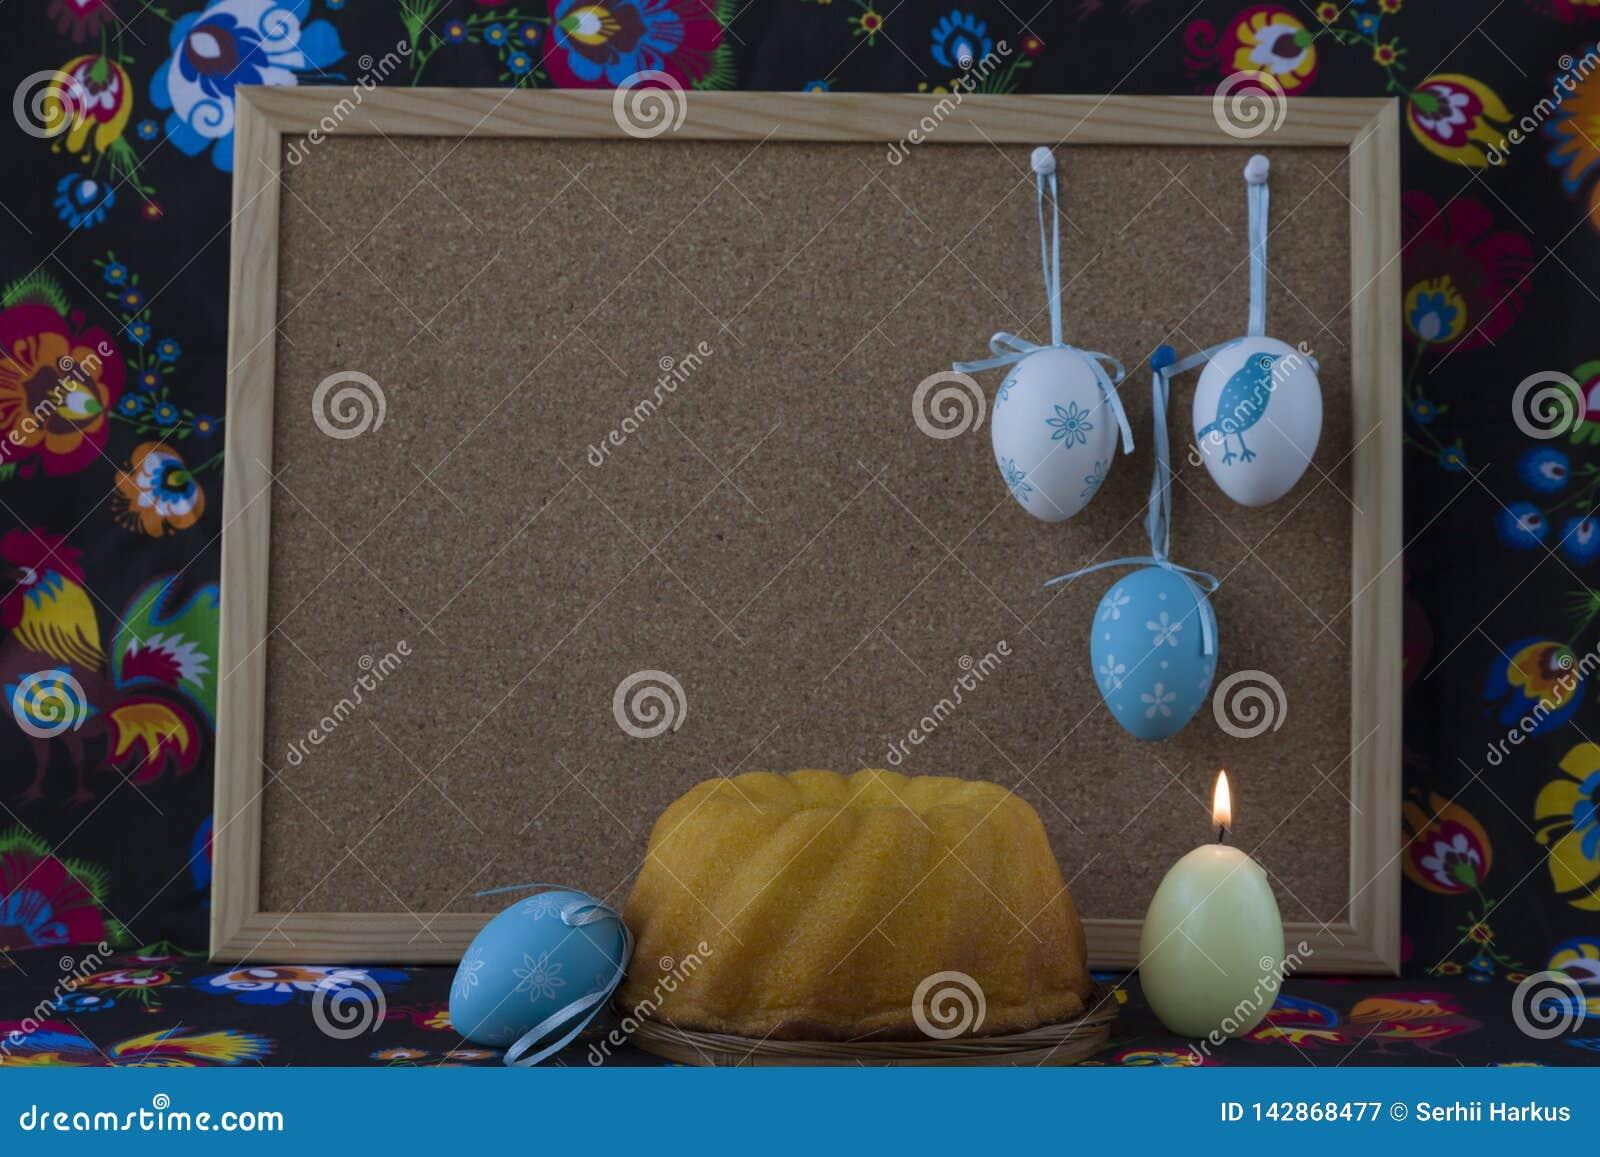 Διακόσμηση Πάσχας με τα άσπρα και μπλε αυγά στο χρωματισμένο υφαντικό υπόβαθρο με το corkboard